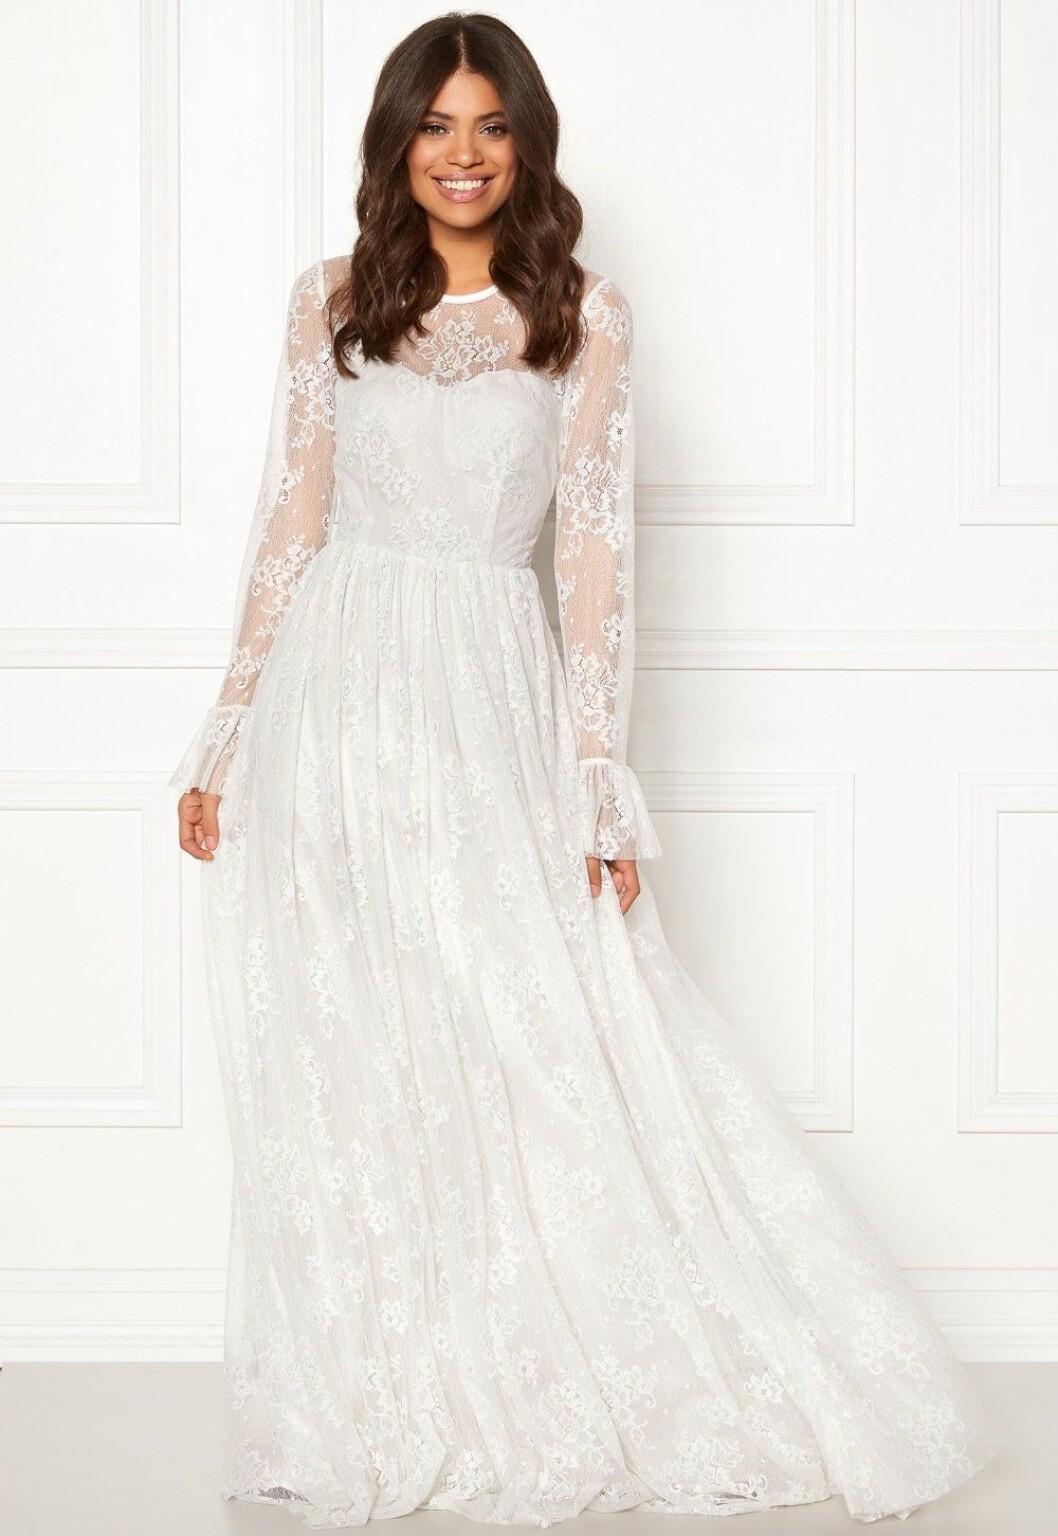 Billig brudklänning i spets med lång ärm 2019